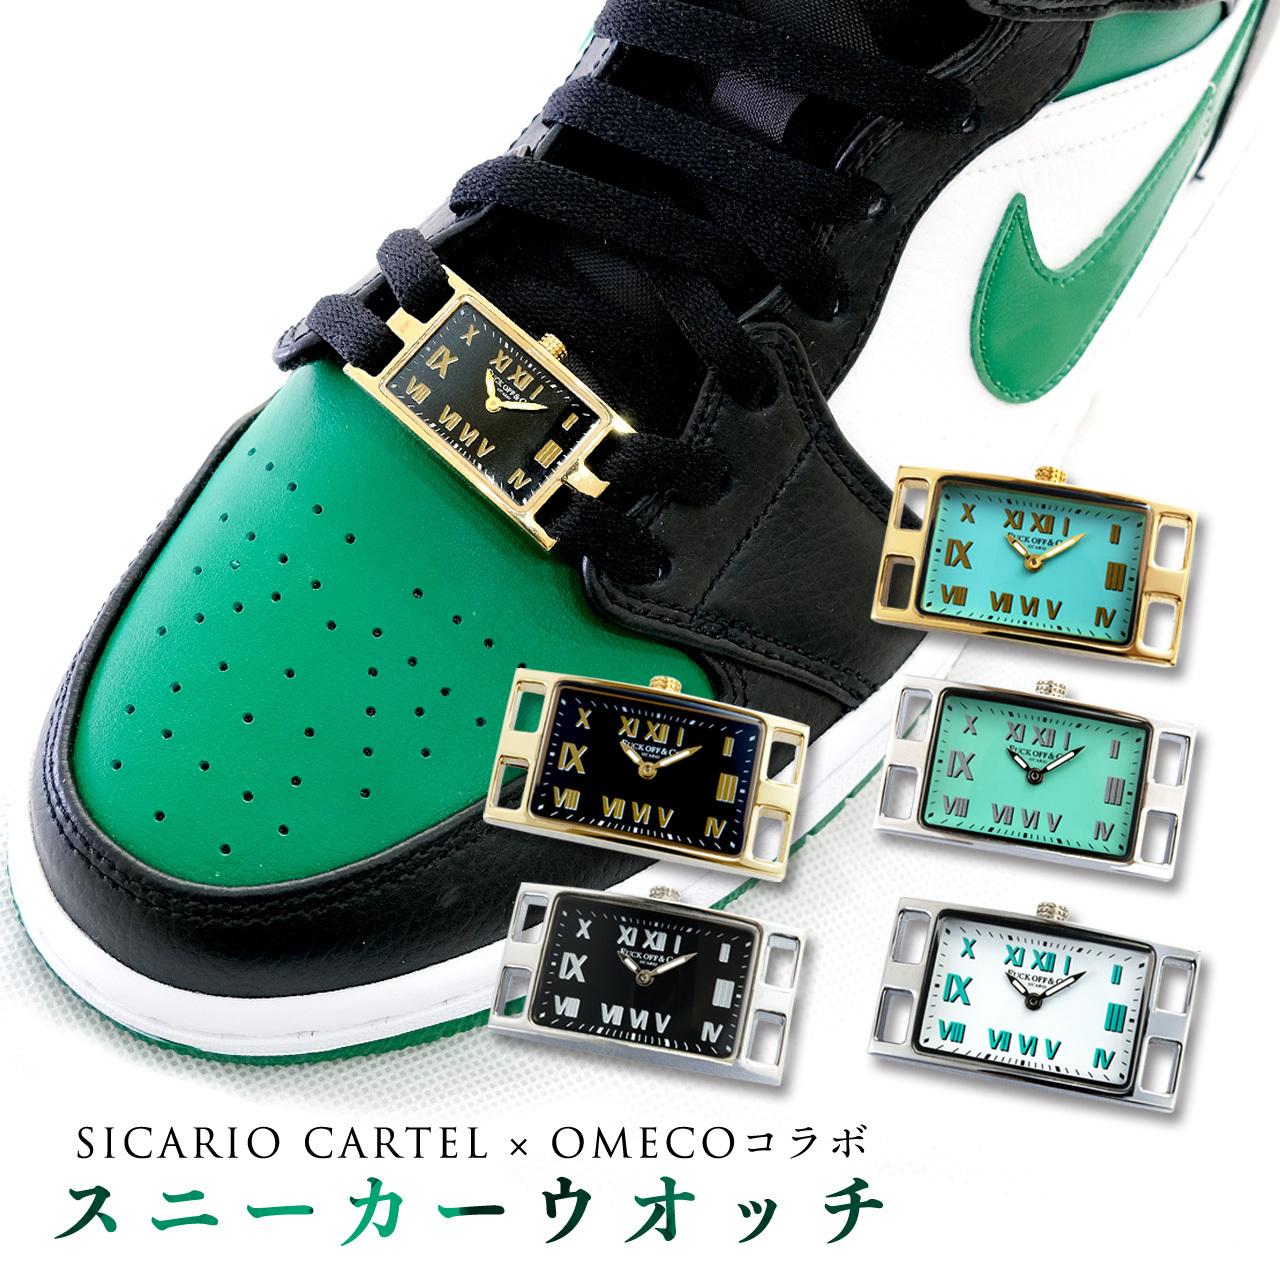 スニーカーウオッチ SICARIO CARTEL × OMECOコラボ(3気圧生活防水)